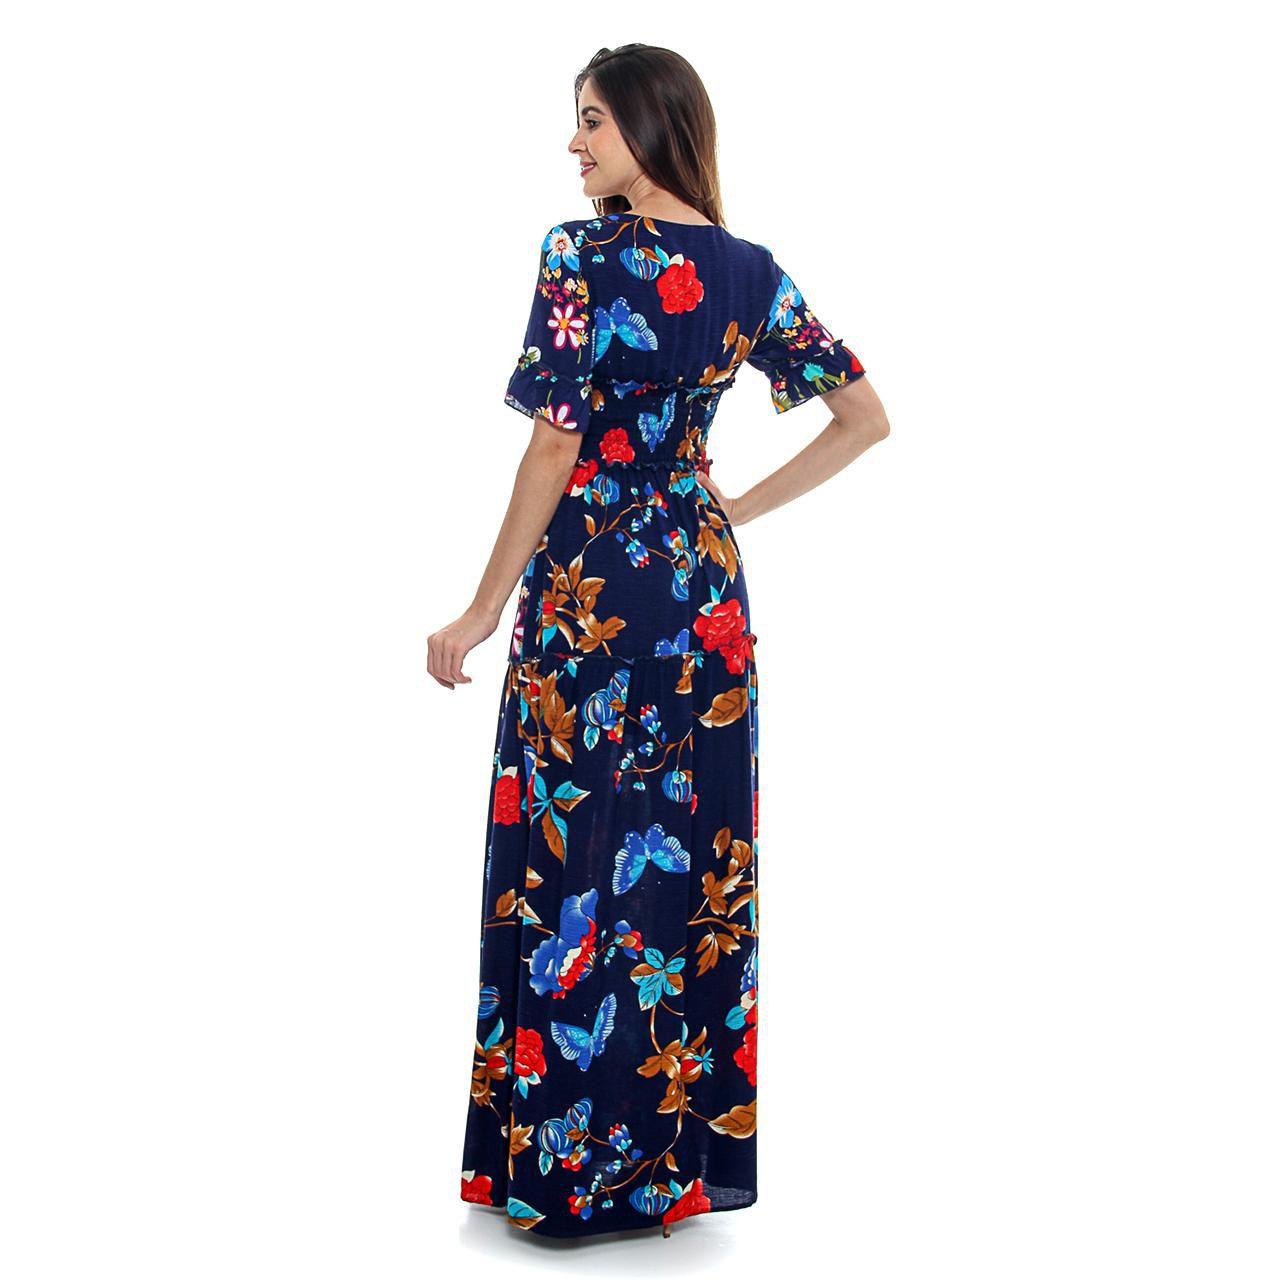 Vestido Longo Decote Quadrado (pr)